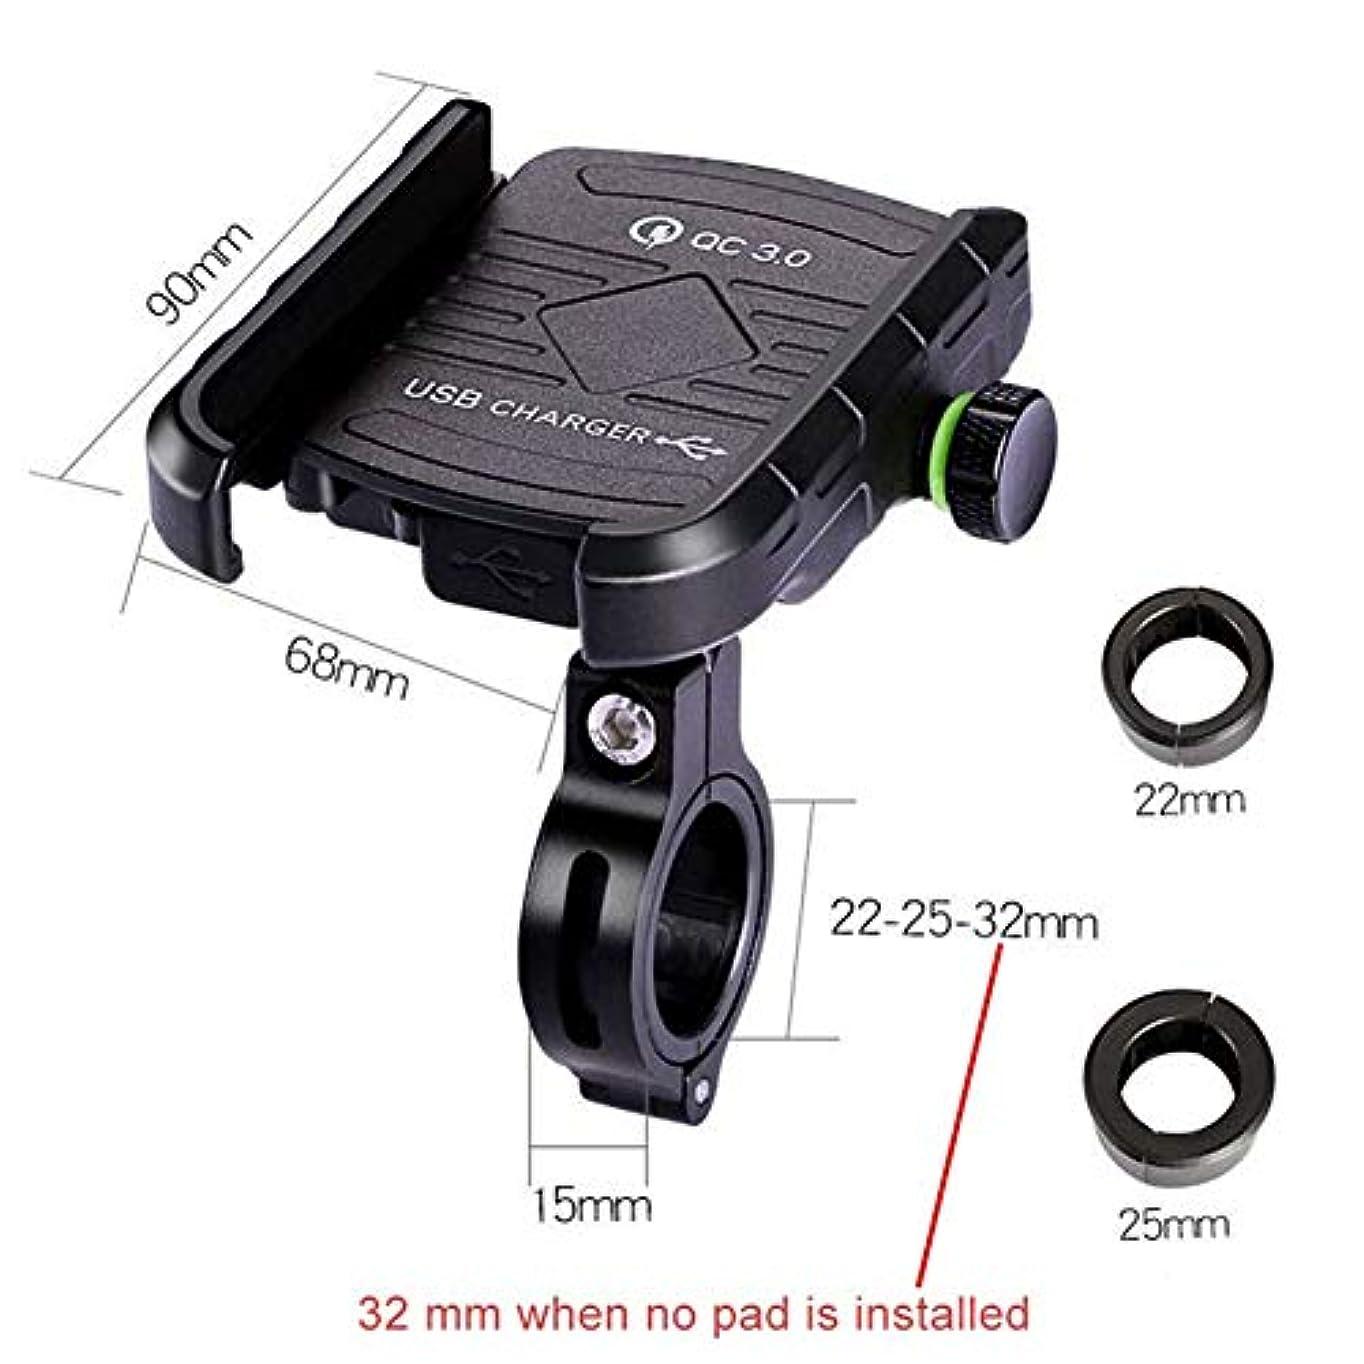 行列なめらかな万歳自転車オートバイ携帯電話マウントホルダー - オートバイ/自転車USB充電器QC 3.0高速充電電話ブラケット、あらゆるスマートフォンGPS用 - ユニバーサルマウンテンロードバイクオートバイ